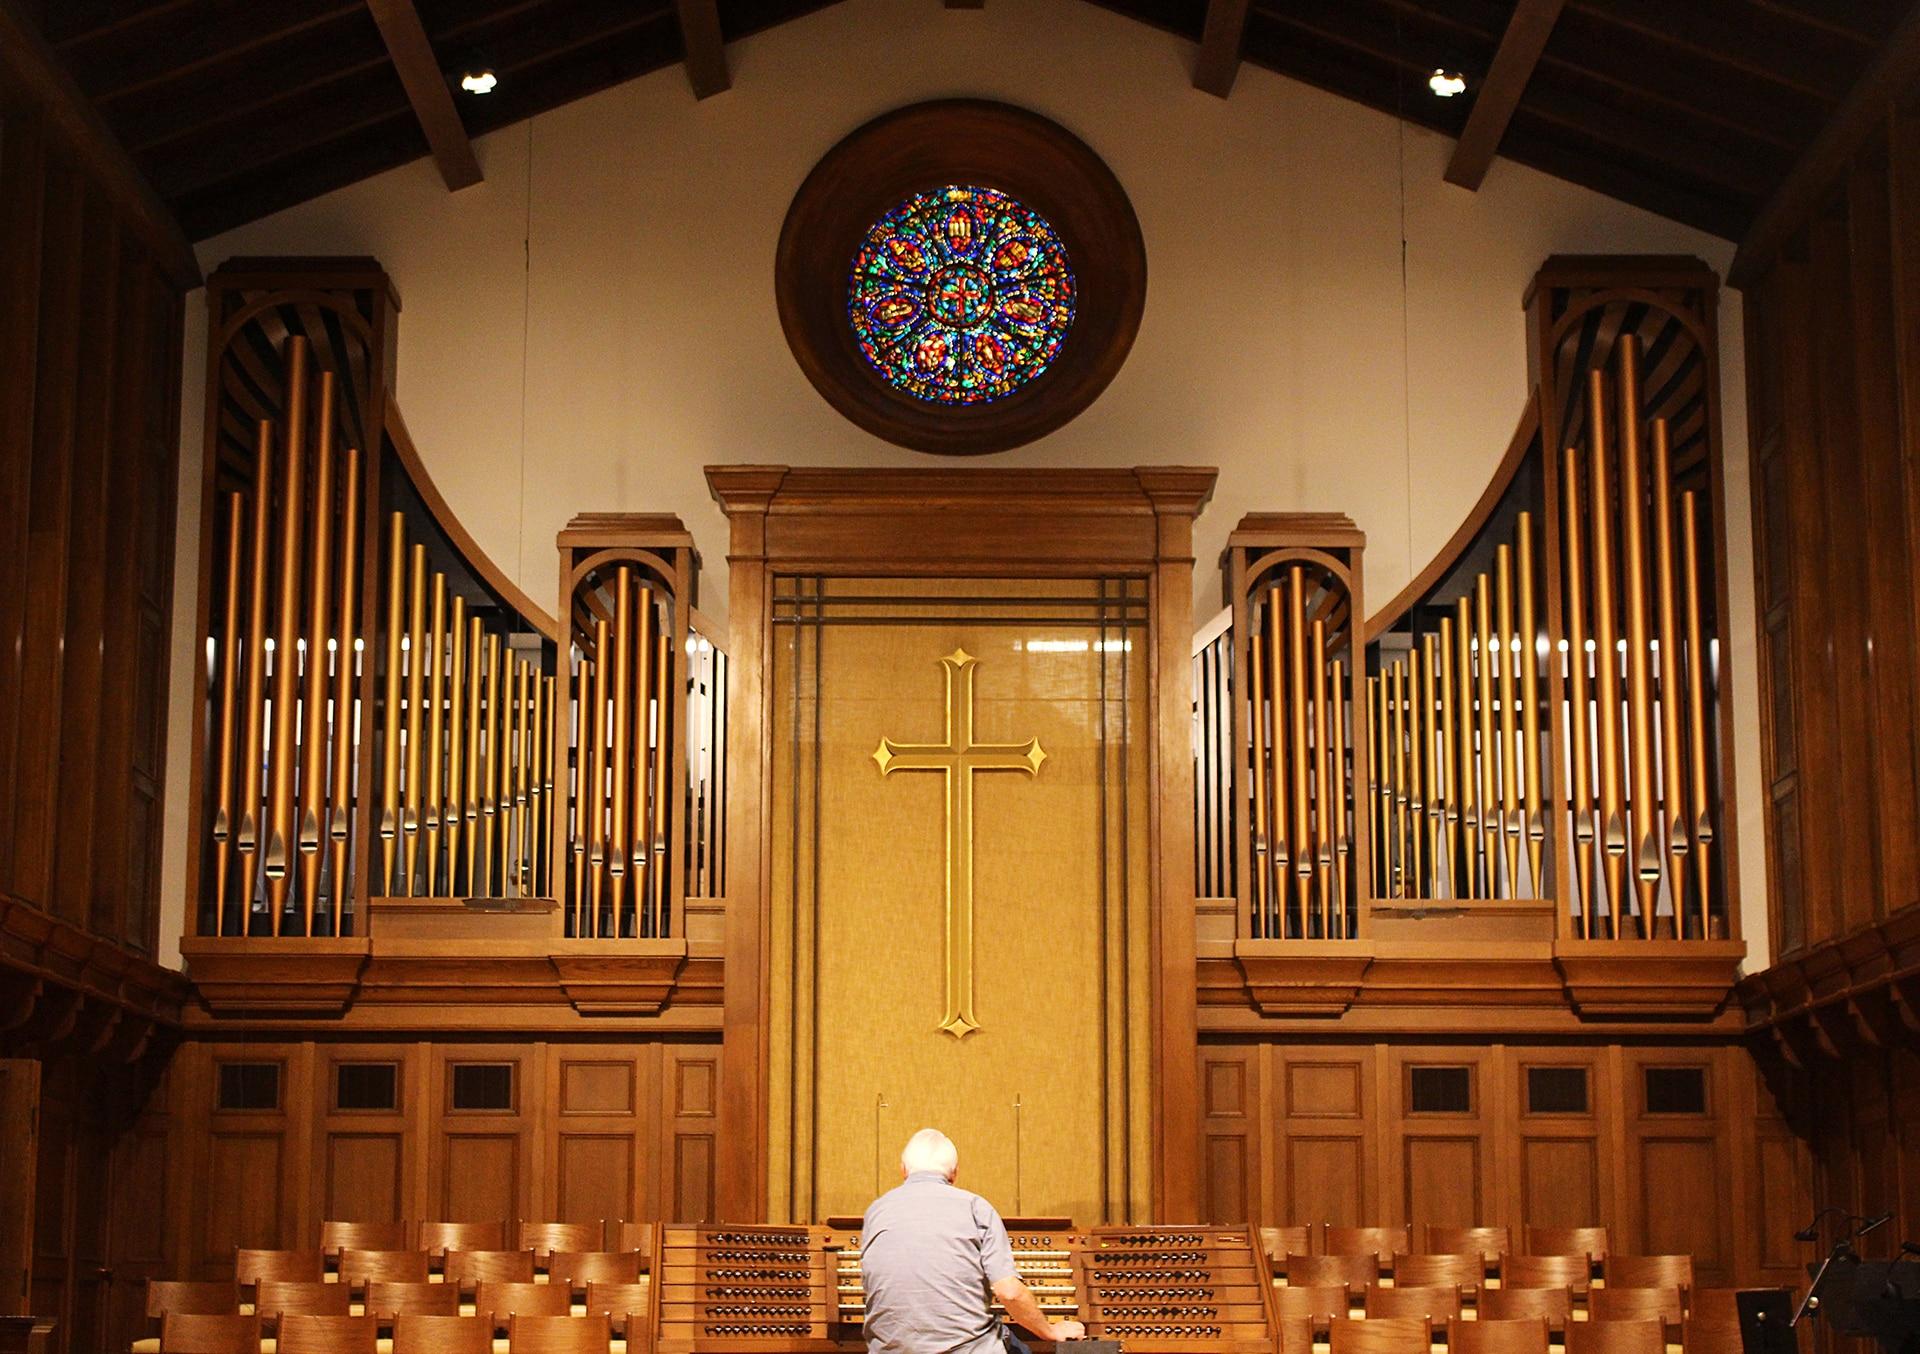 About the La Jolla Pres Pipe Organ | La Jolla Presbyterian ...